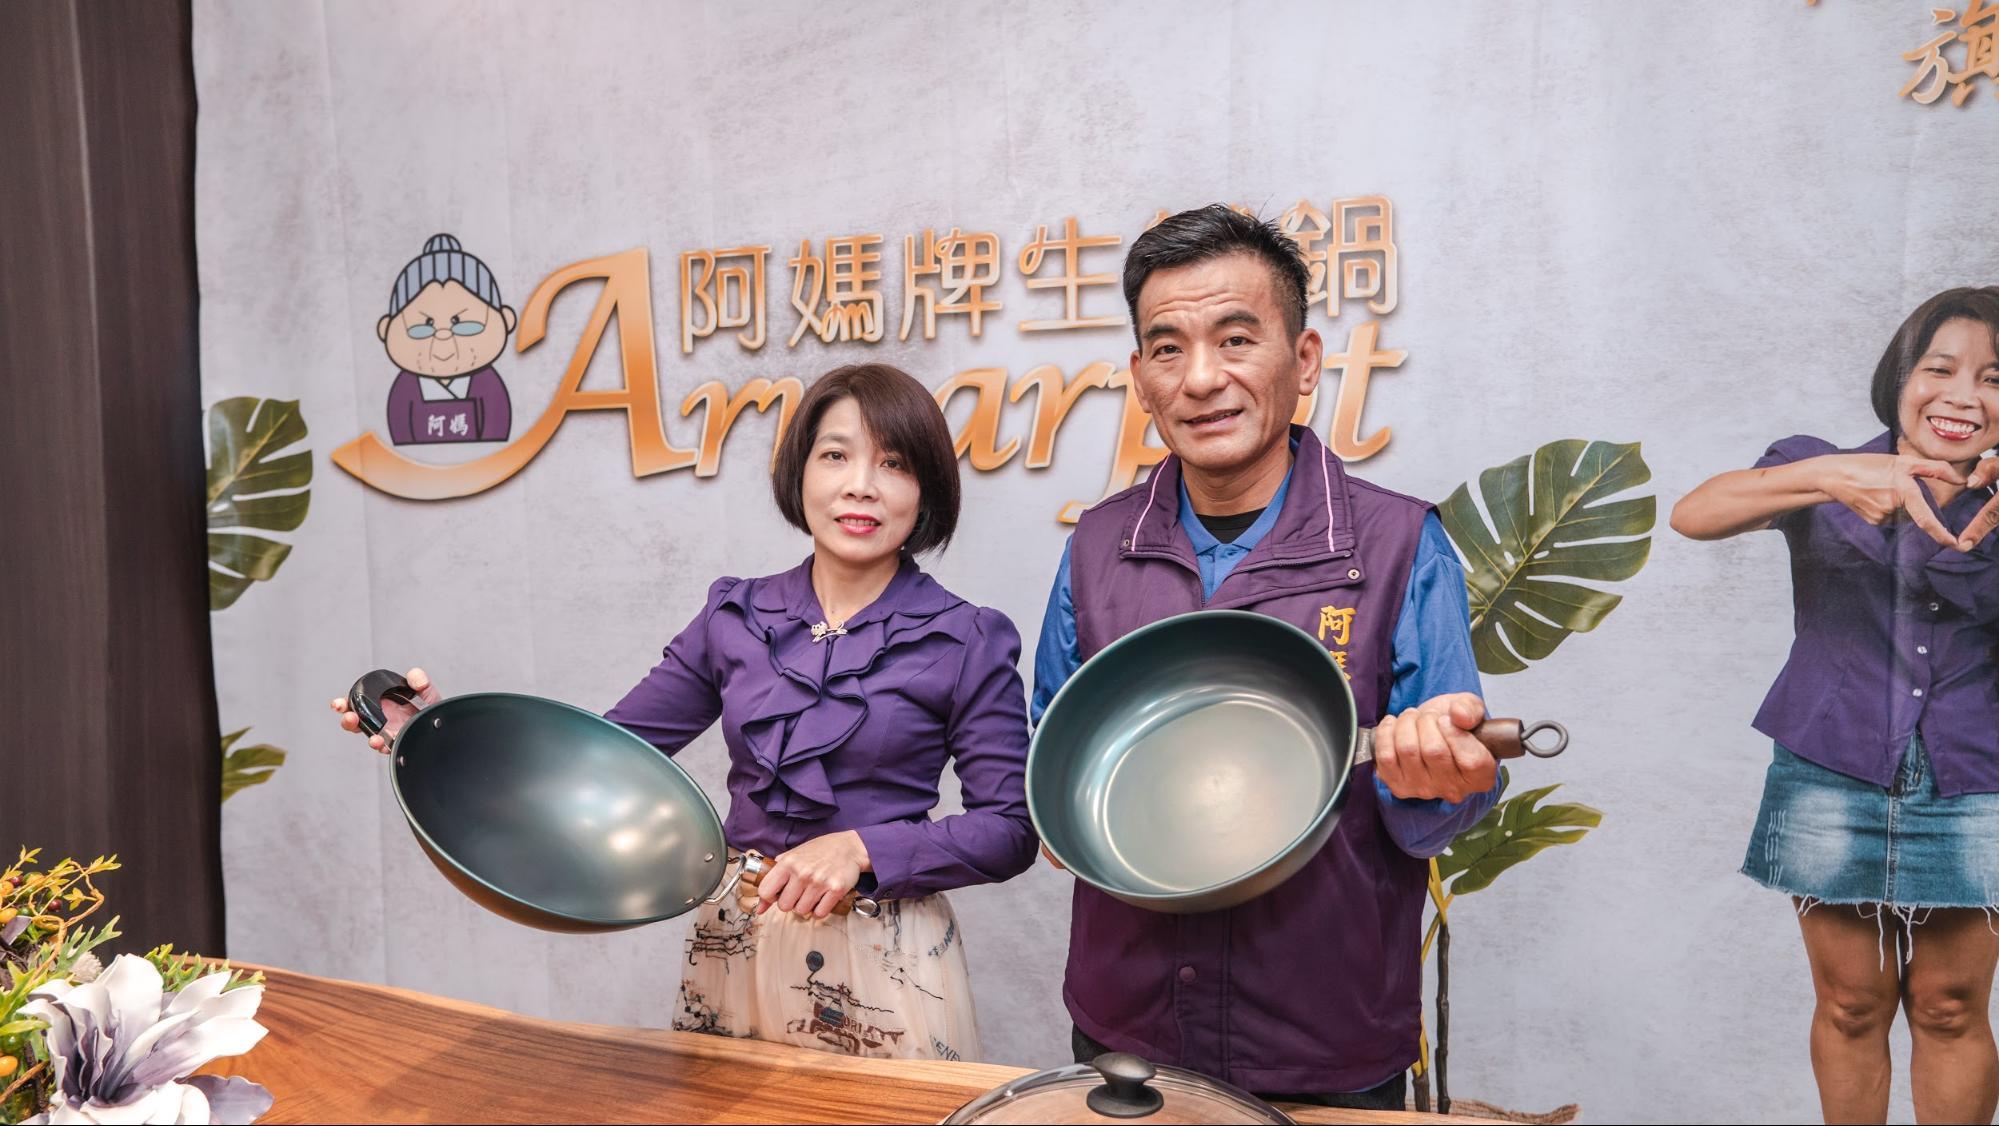 阿媽牌生鐵鍋:菜市場品牌搶攻電商!每月破千新會員的秘訣是什麼?